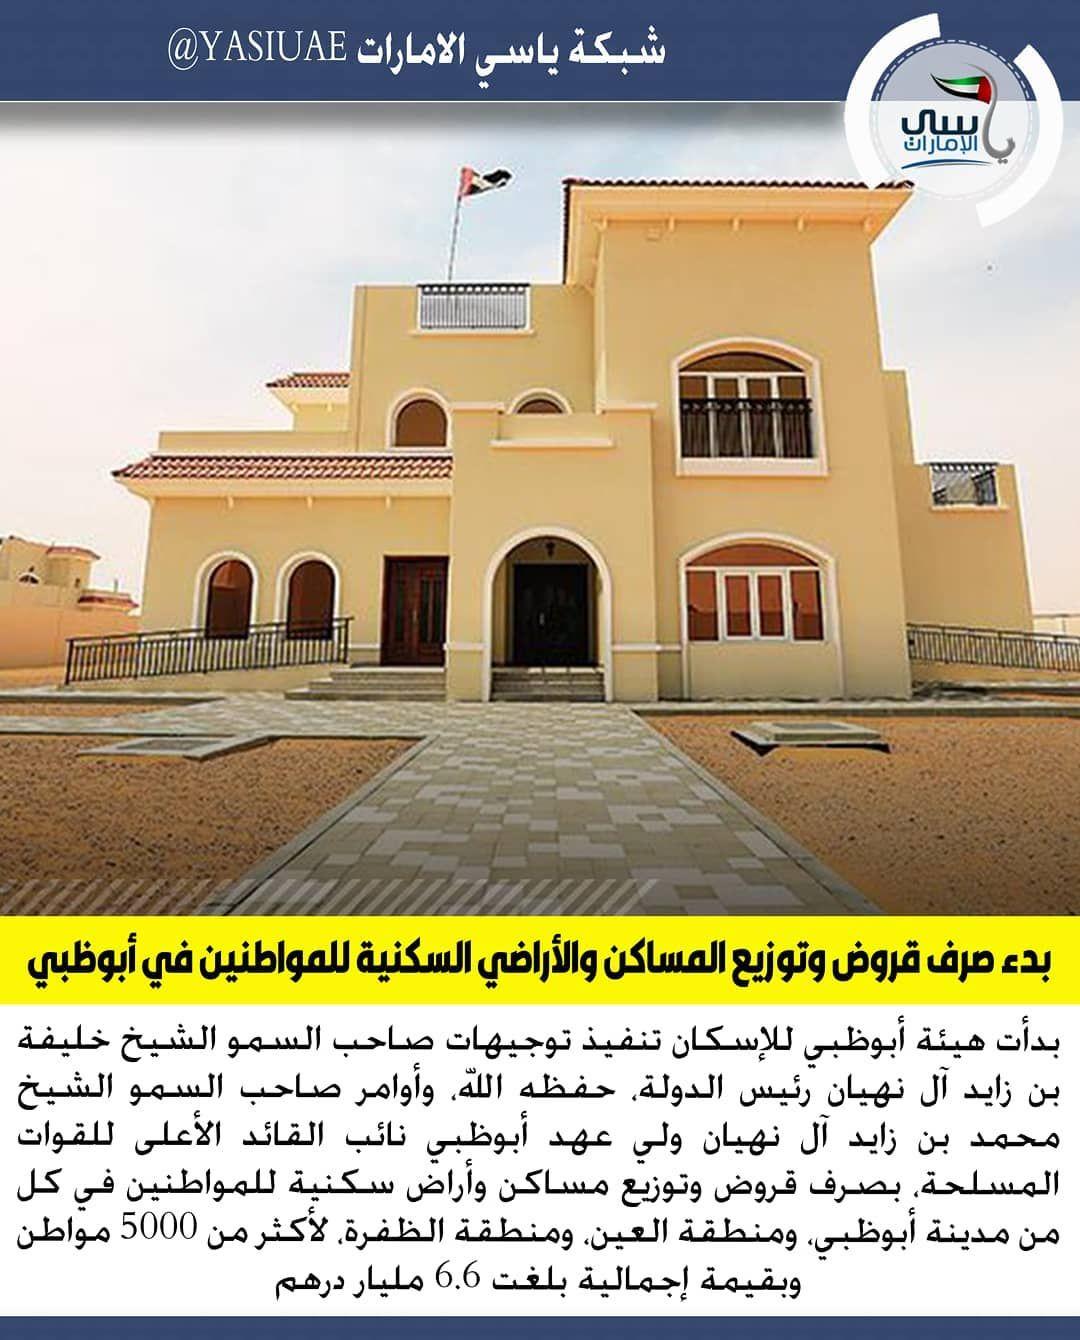 اليوم الوطني اليوم الوطني48 الامارات House Styles Mansions Home Decor